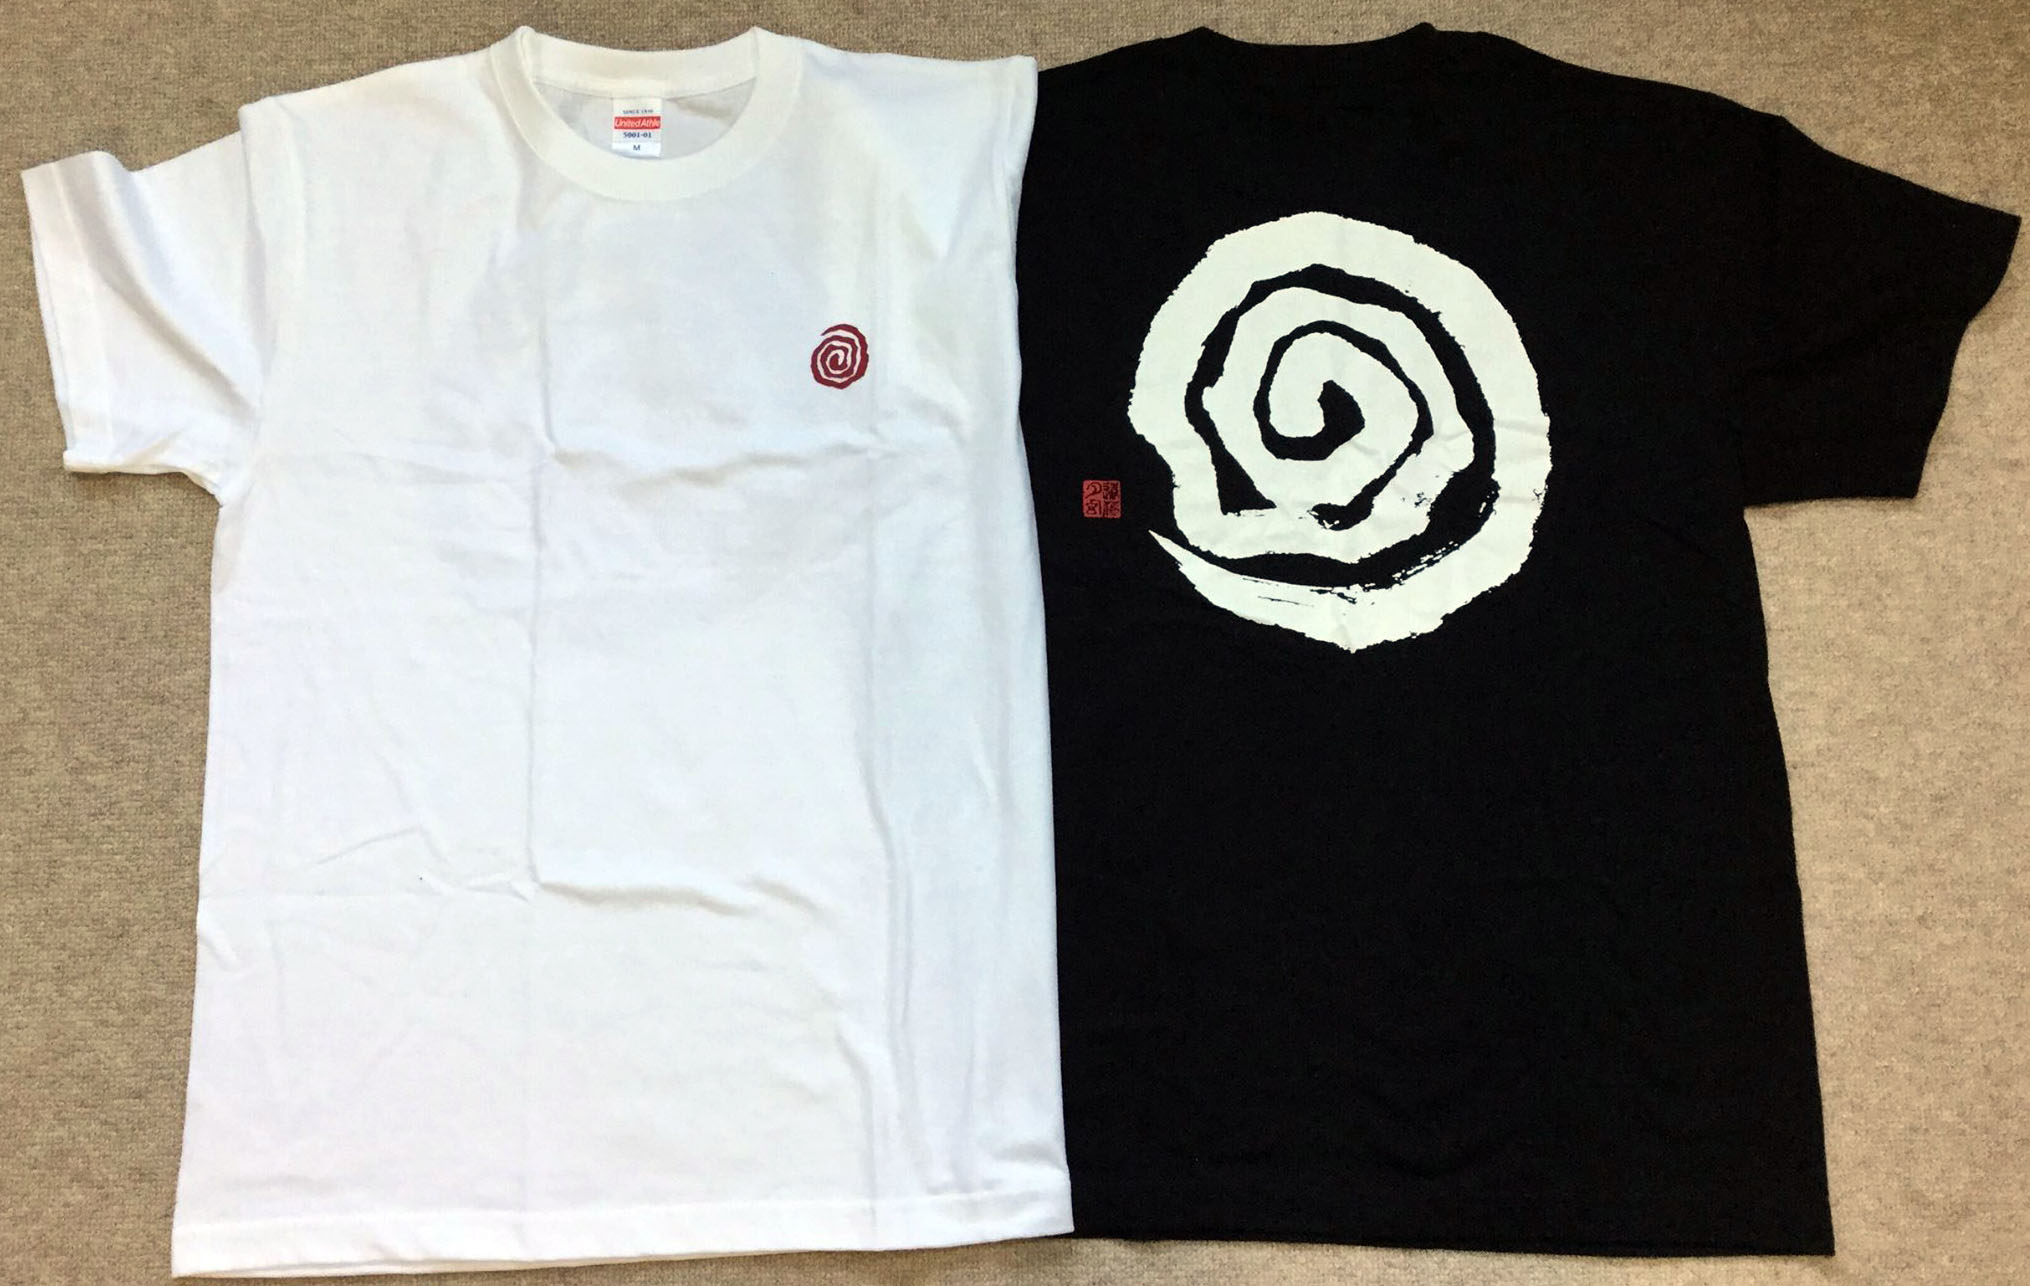 あうわTシャツ 陰陽 制作デザイン:遠藤夕幻